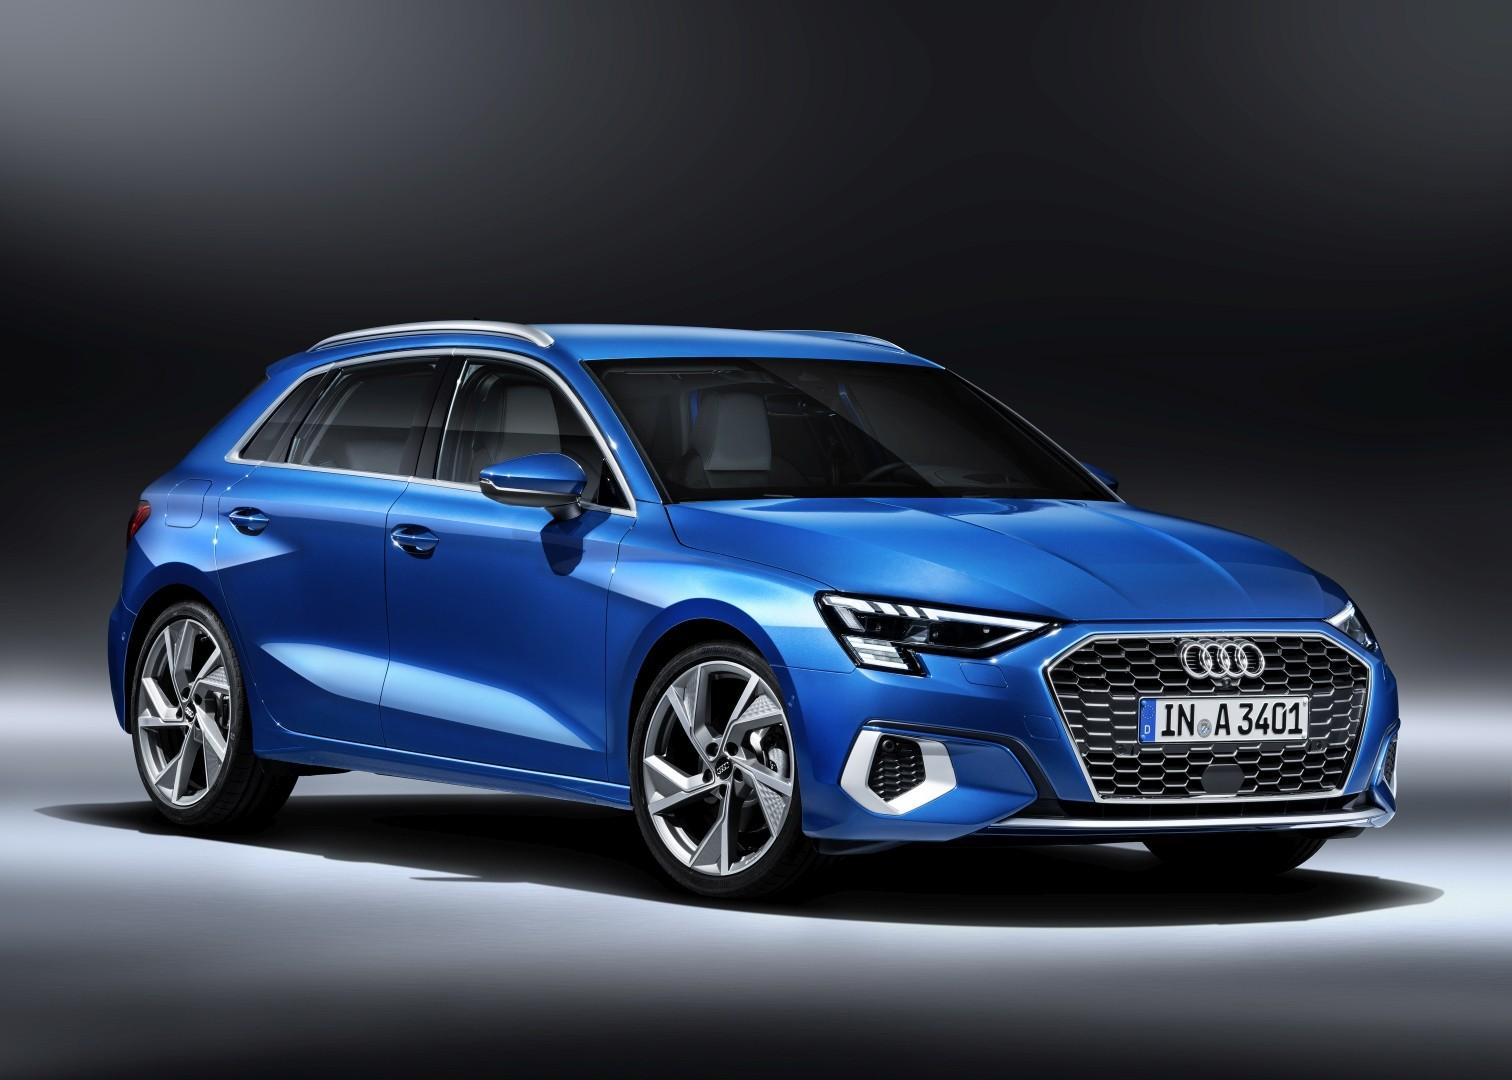 Kelebihan Audi A3 2020 Spesifikasi